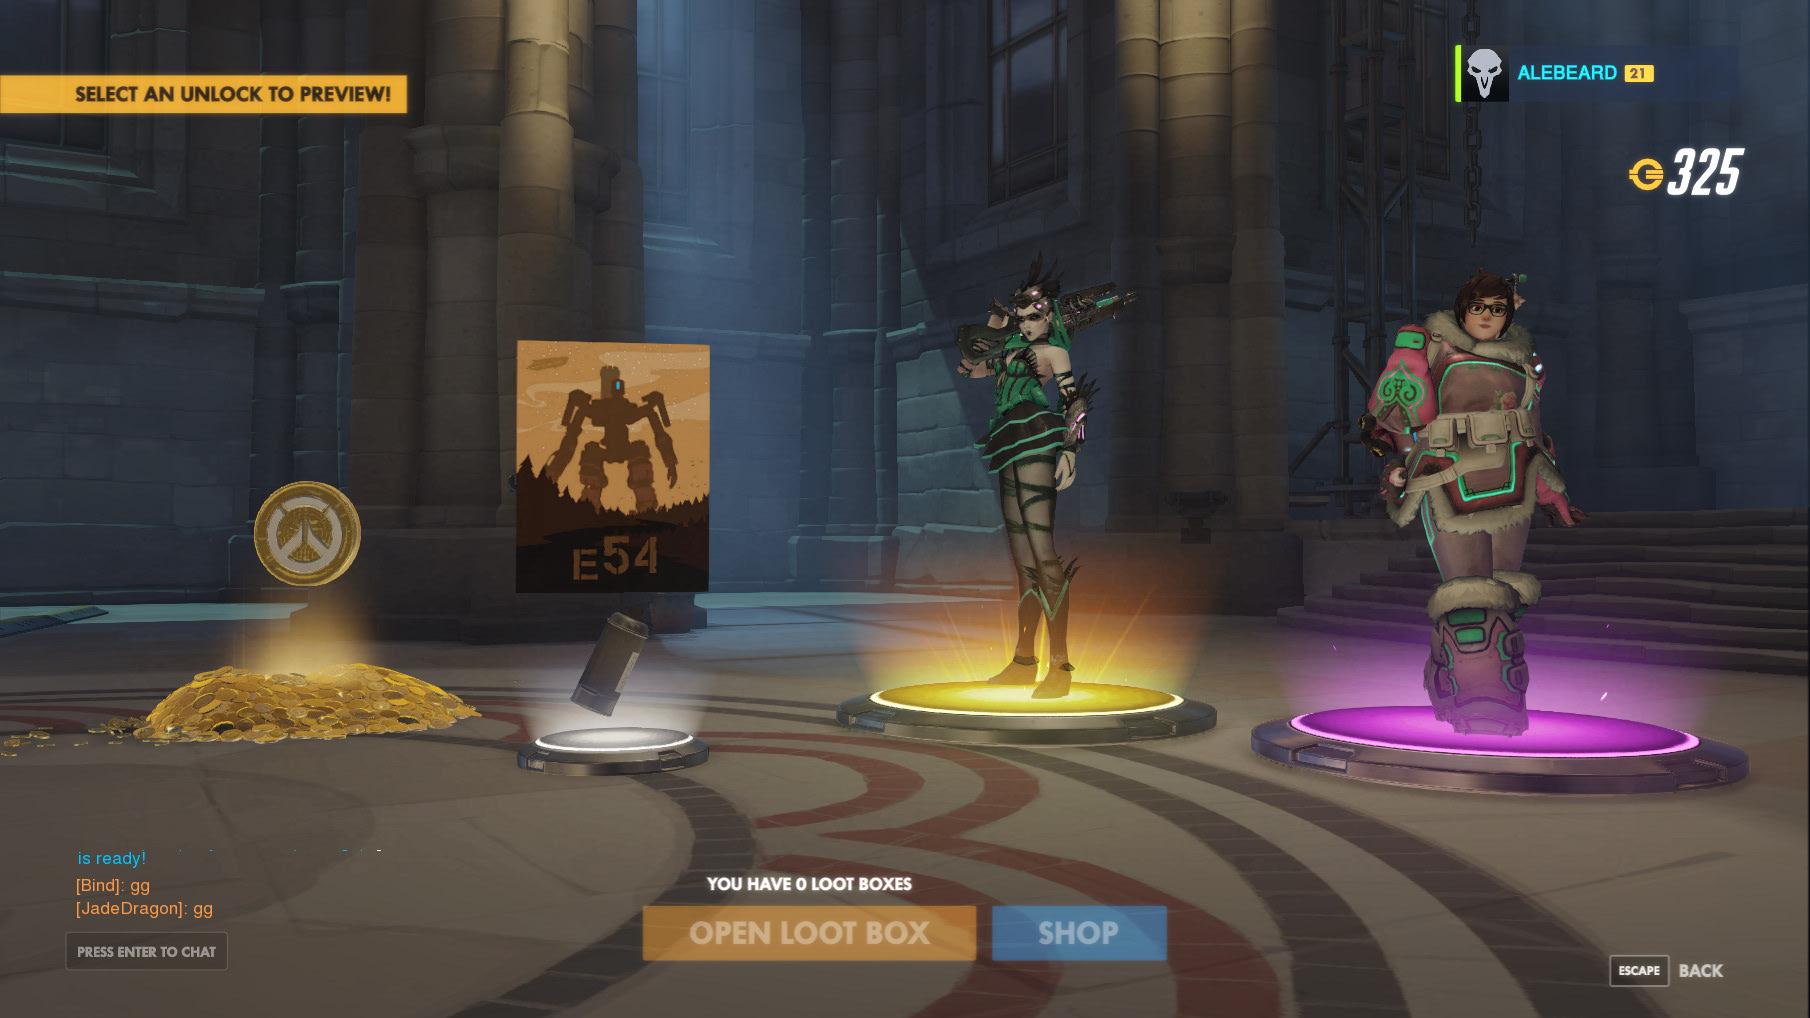 Overwatch - Chest